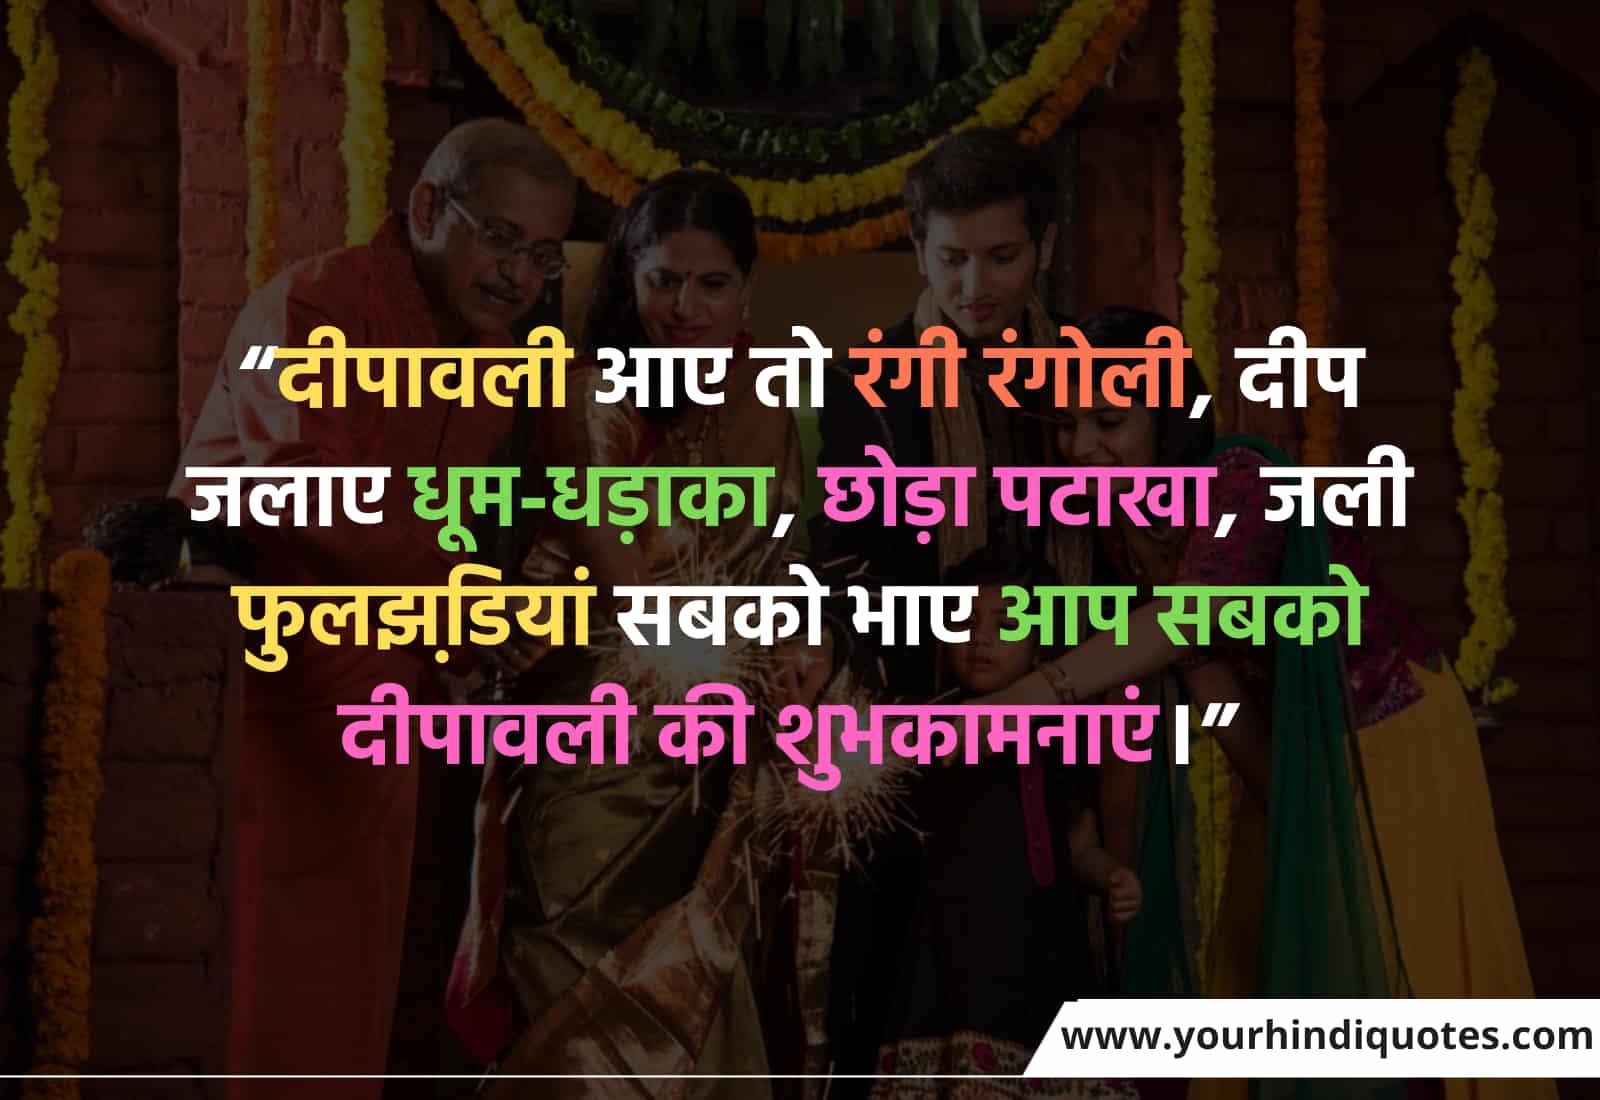 Hindi Happy Diwali Wishes